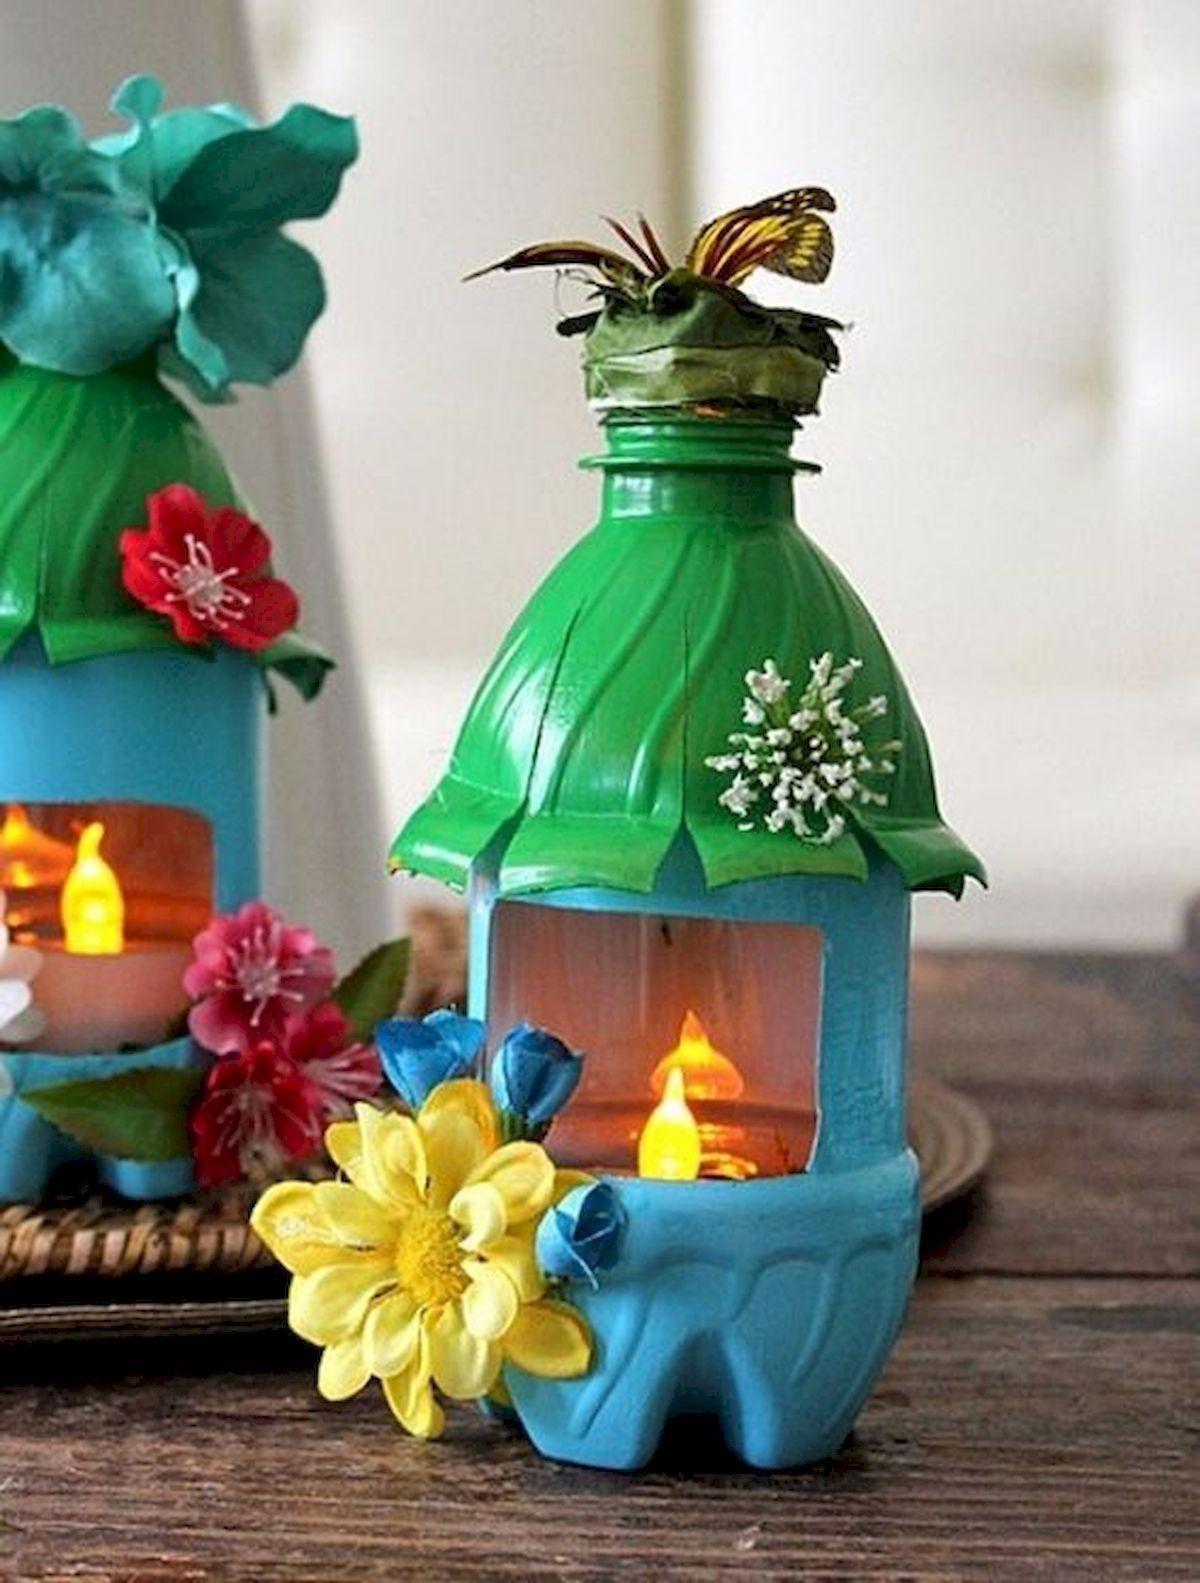 38+ Water bottle crafts troom troom ideas in 2021